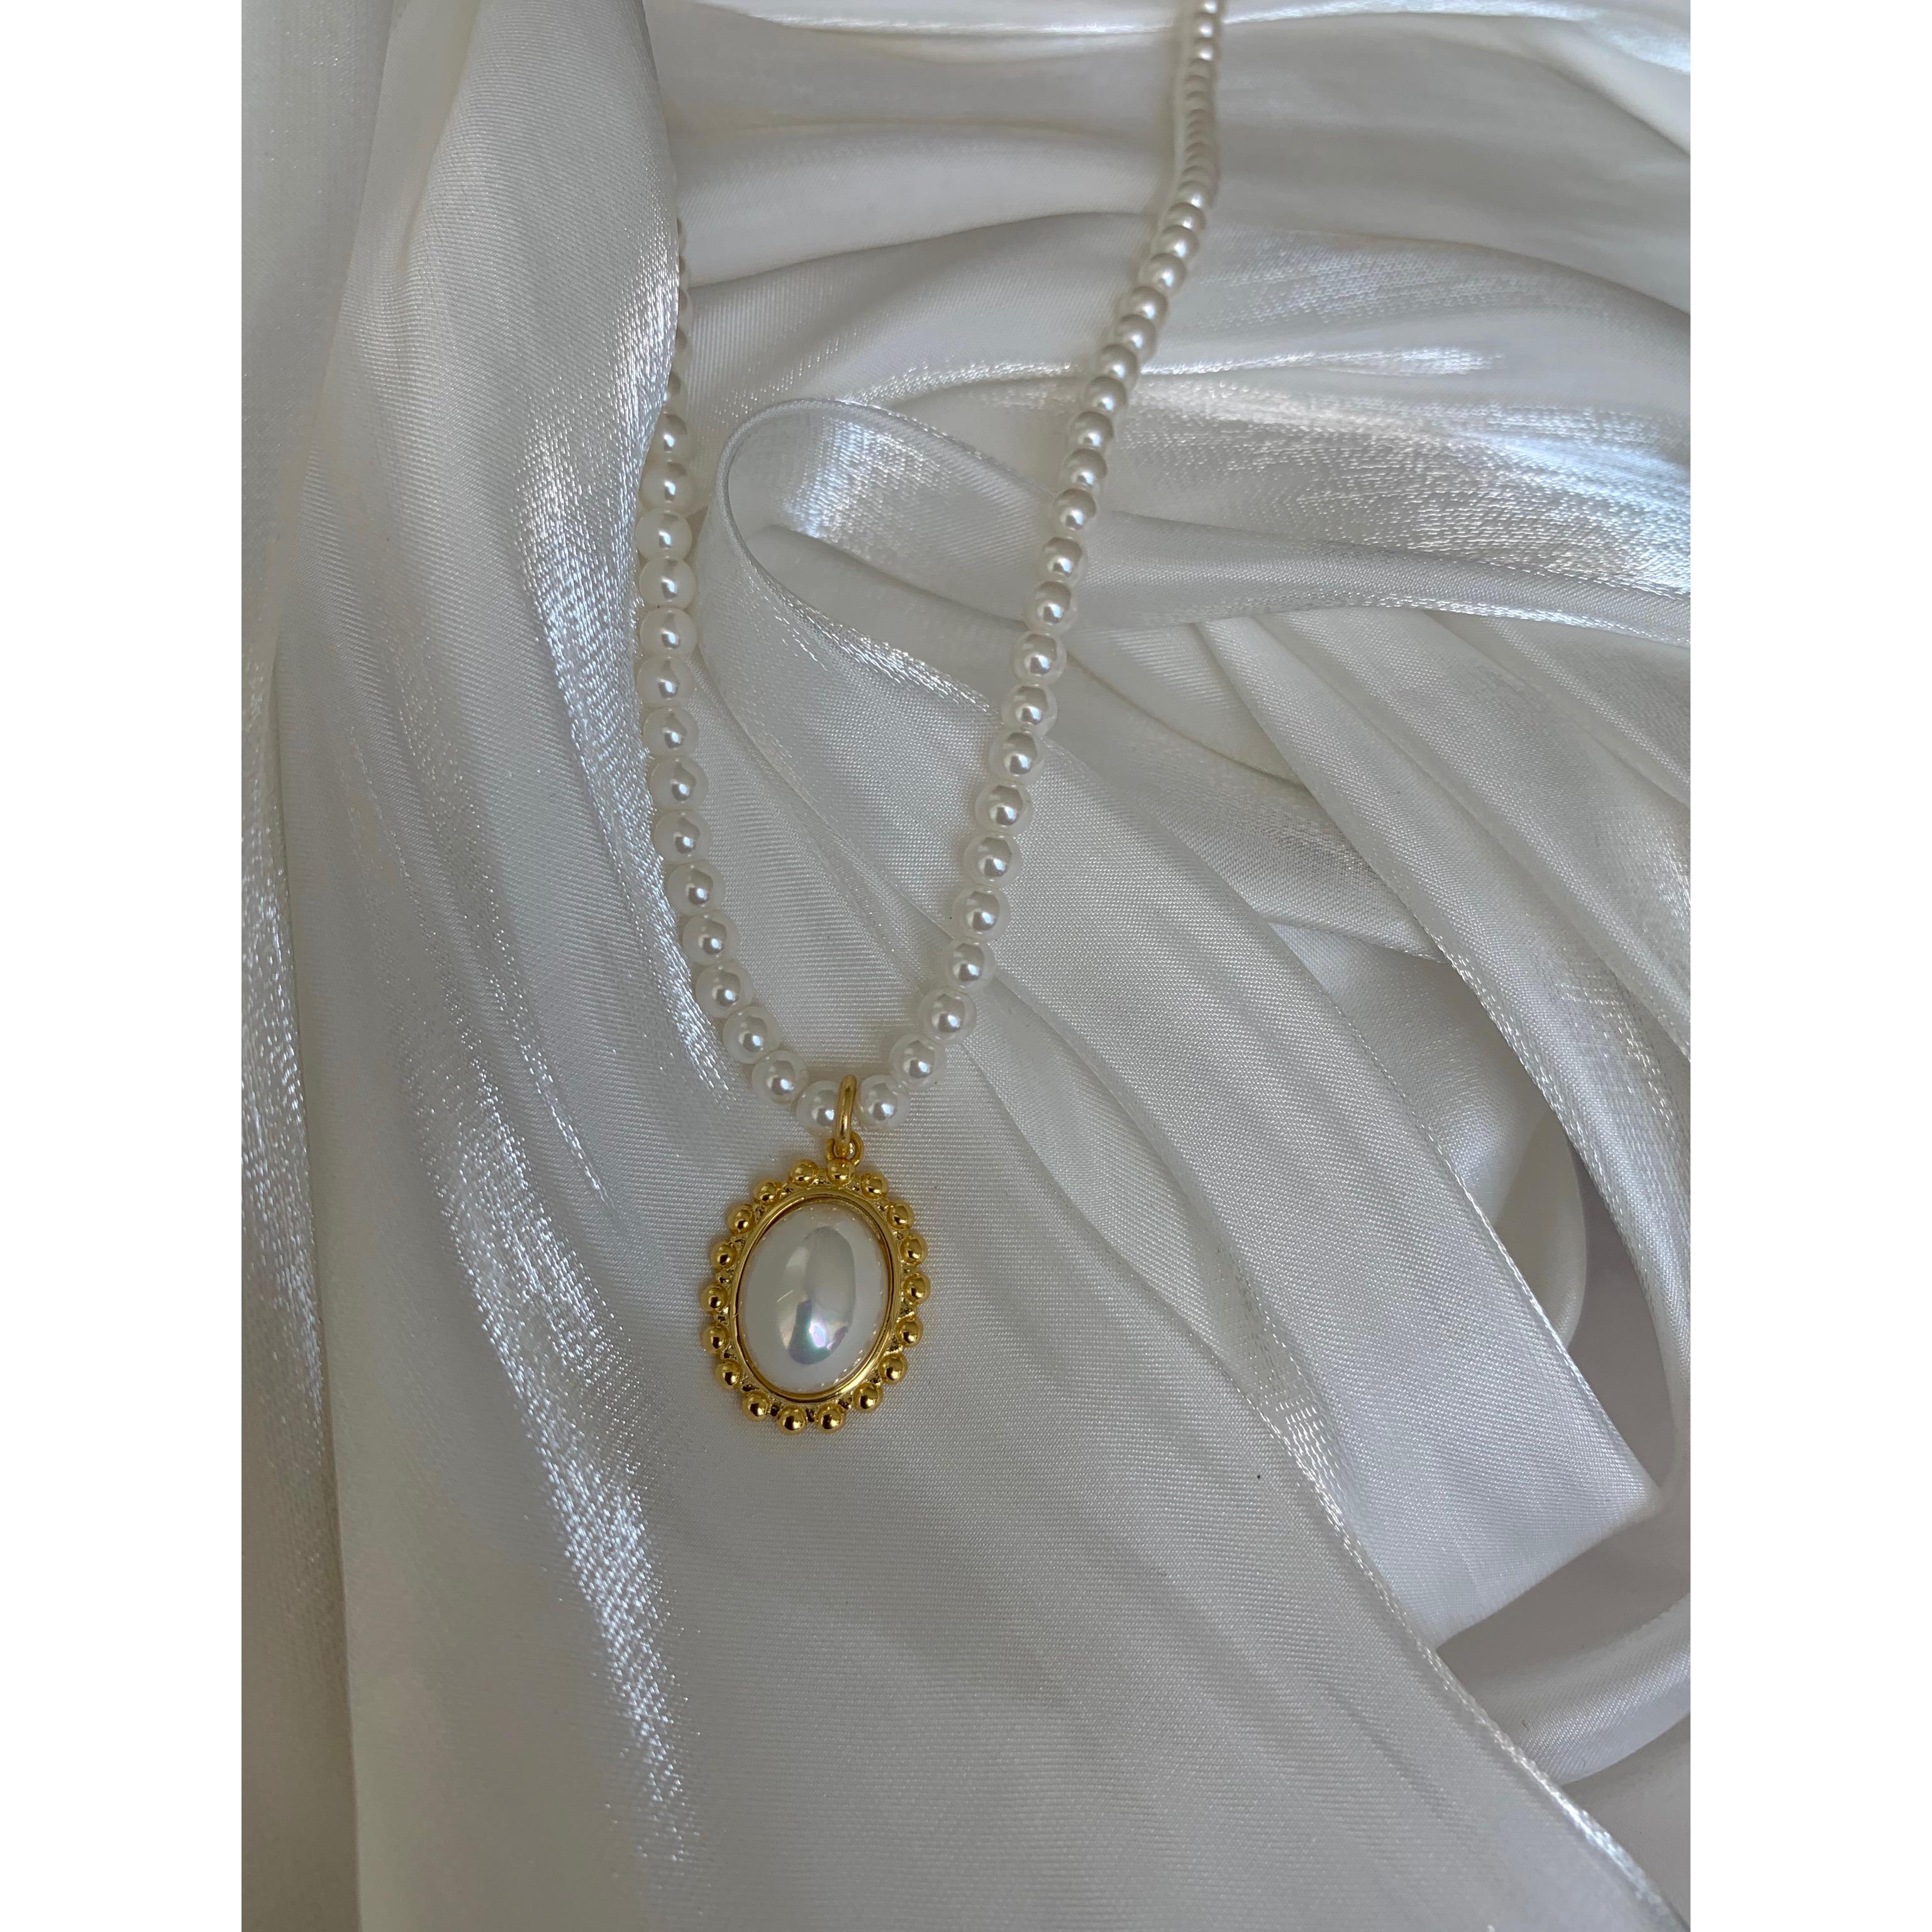 【鹭青一ACC】复古宫廷 高品质纯天然珍珠 铜镀18K金项链